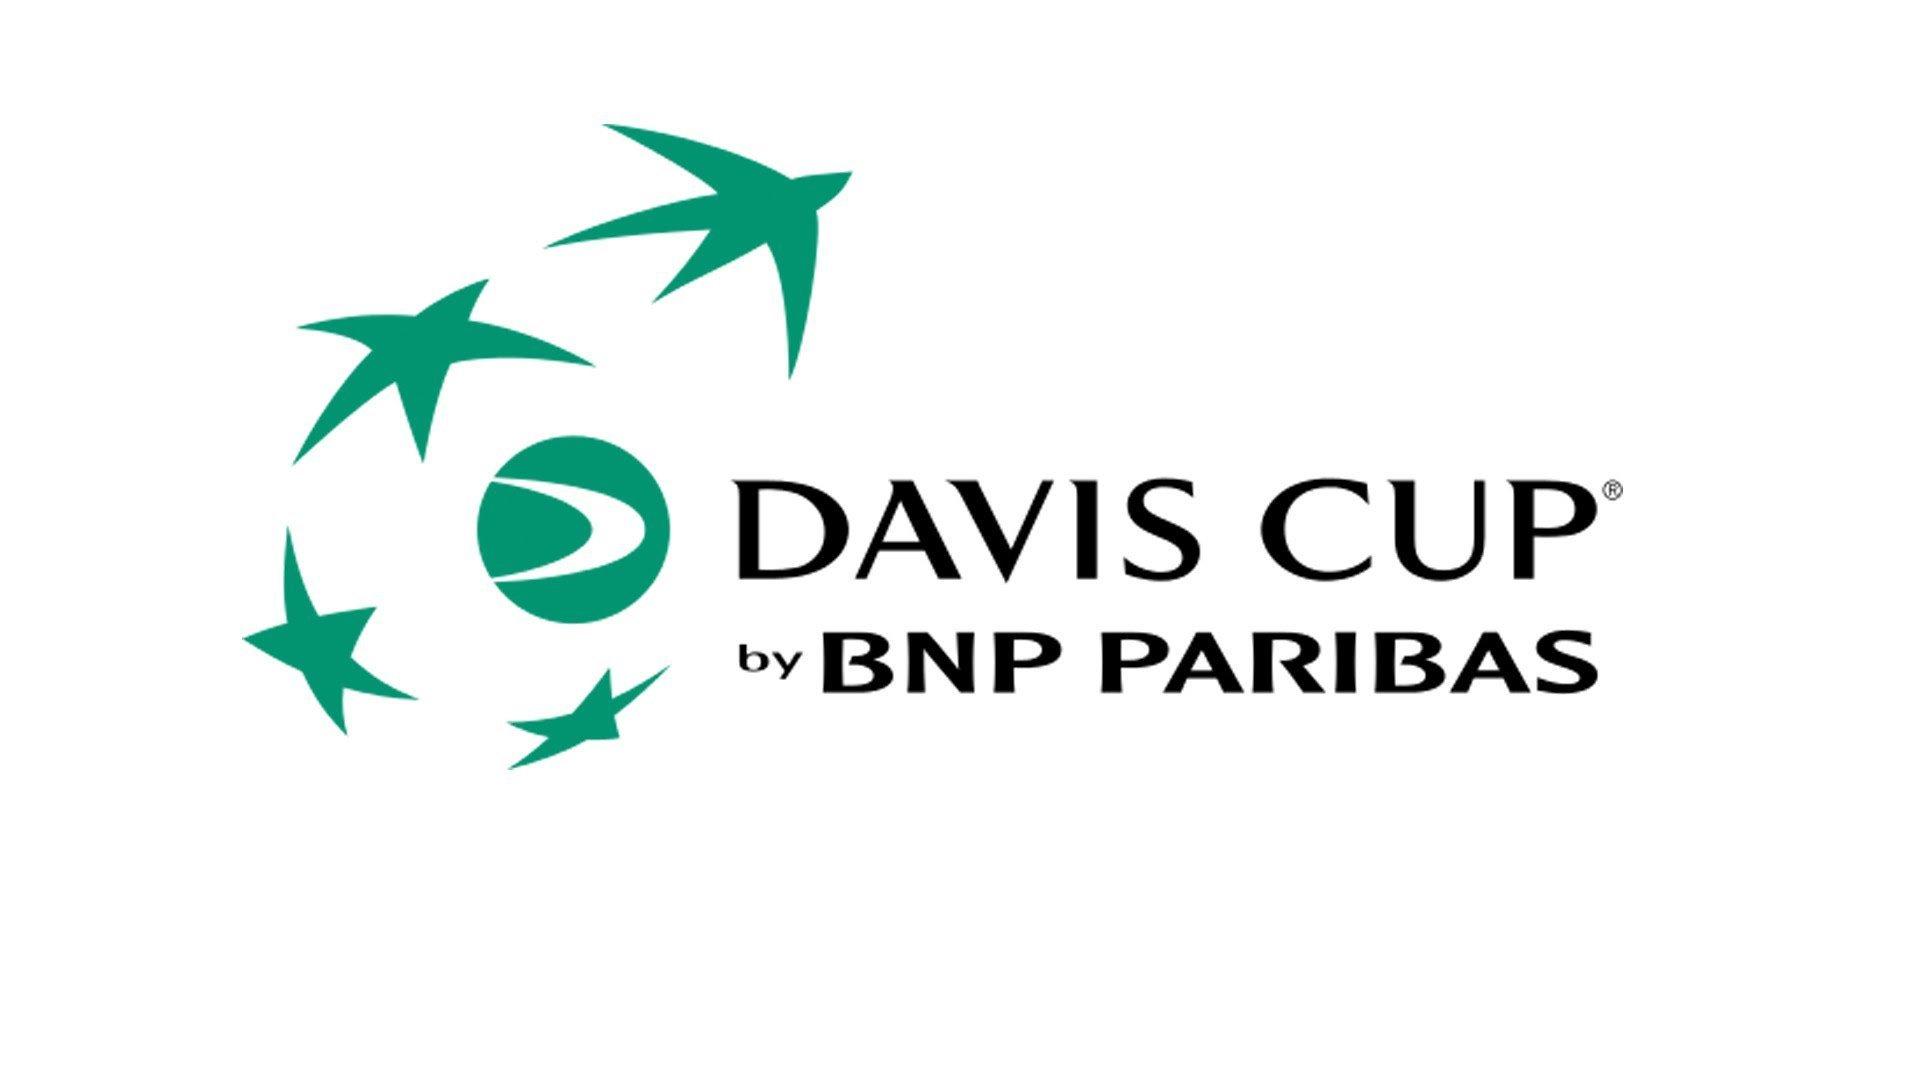 デビスカップ2016 ロゴ